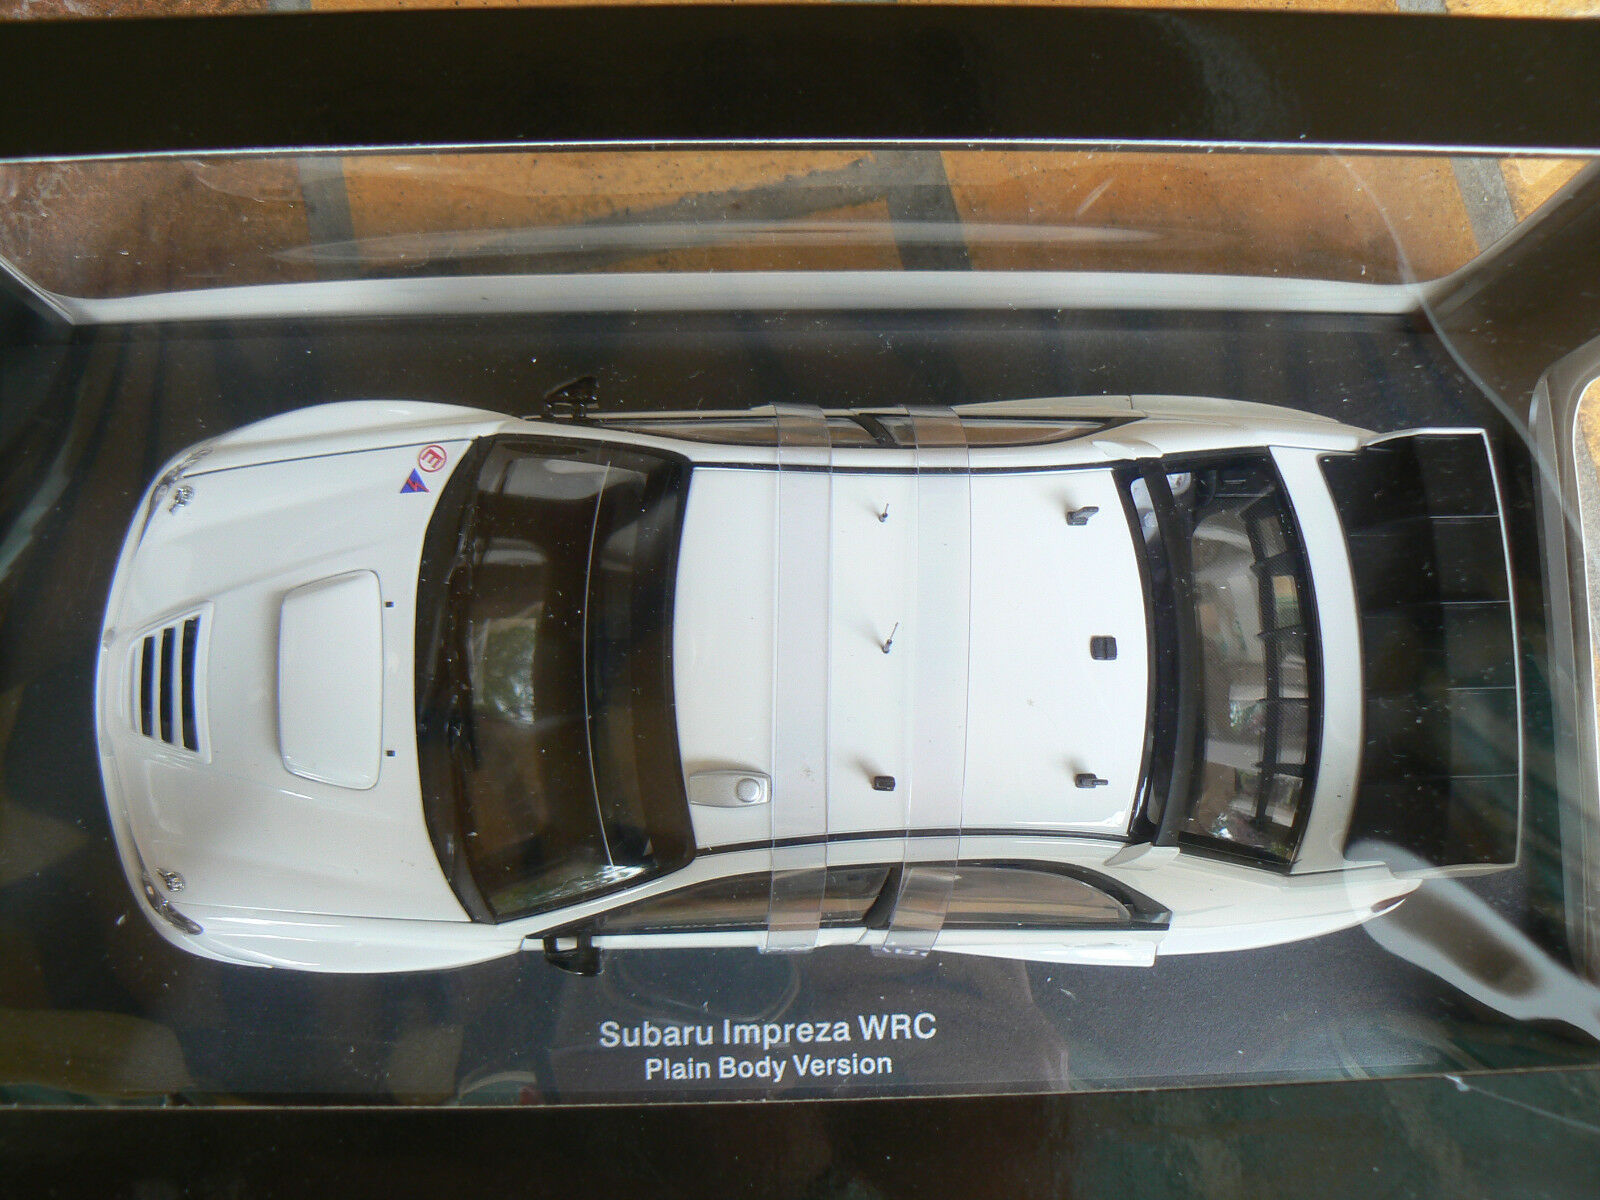 subaru impreza wrc wrc wrc rallye 2006 street plain body blanche autoart 1/18 1:18 new | Une Forte Résistance à La Chaleur Et Résistant à L'usure  | Doux Et Léger  | New Style,En Ligne  5f02fd